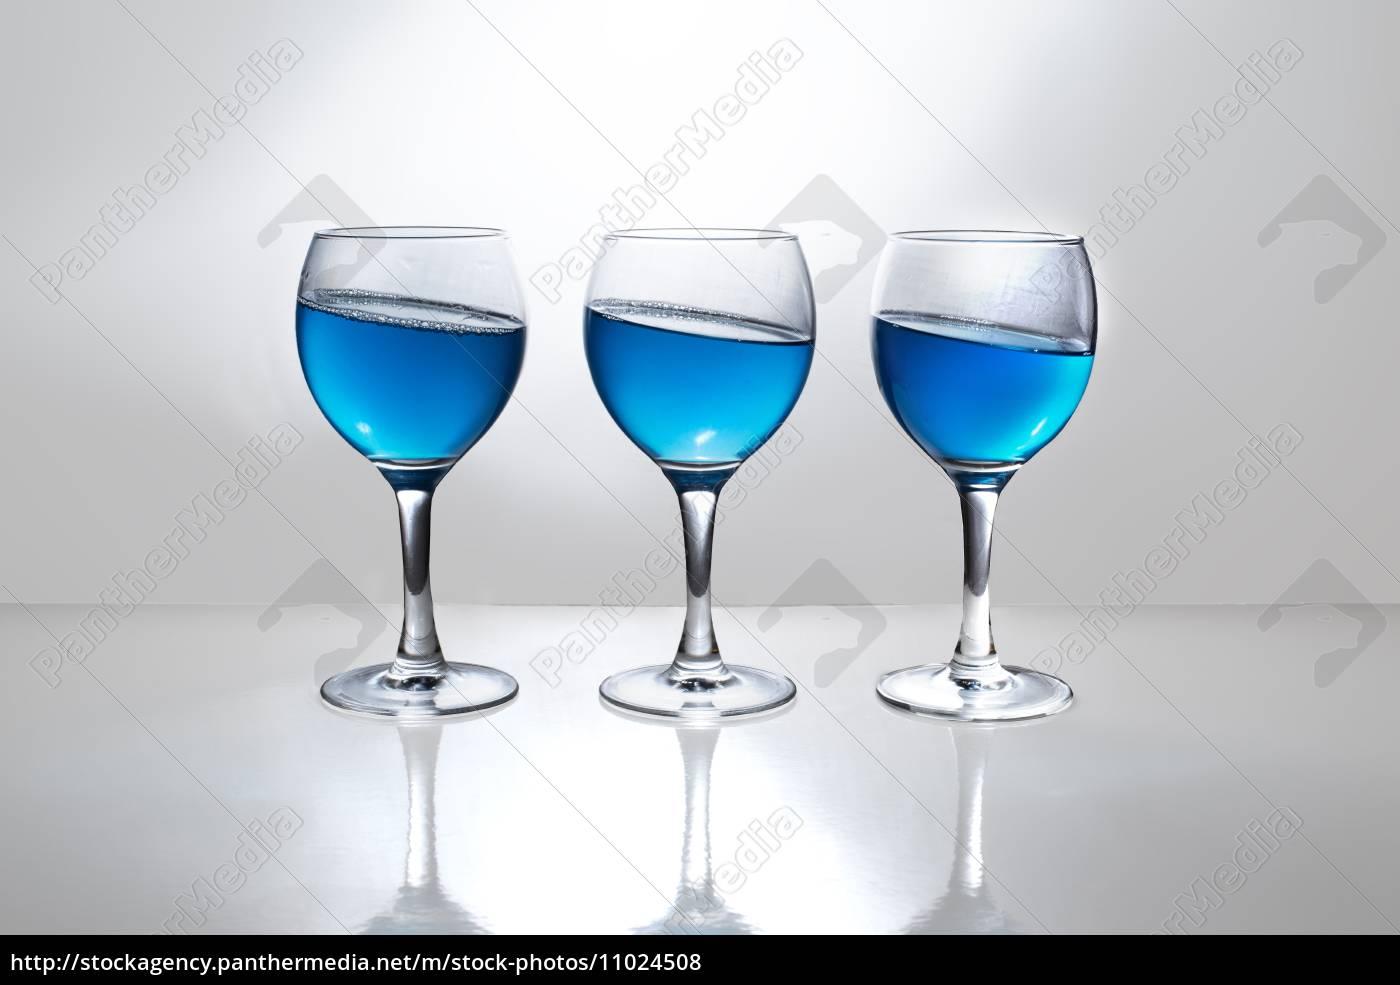 azul - 11024508